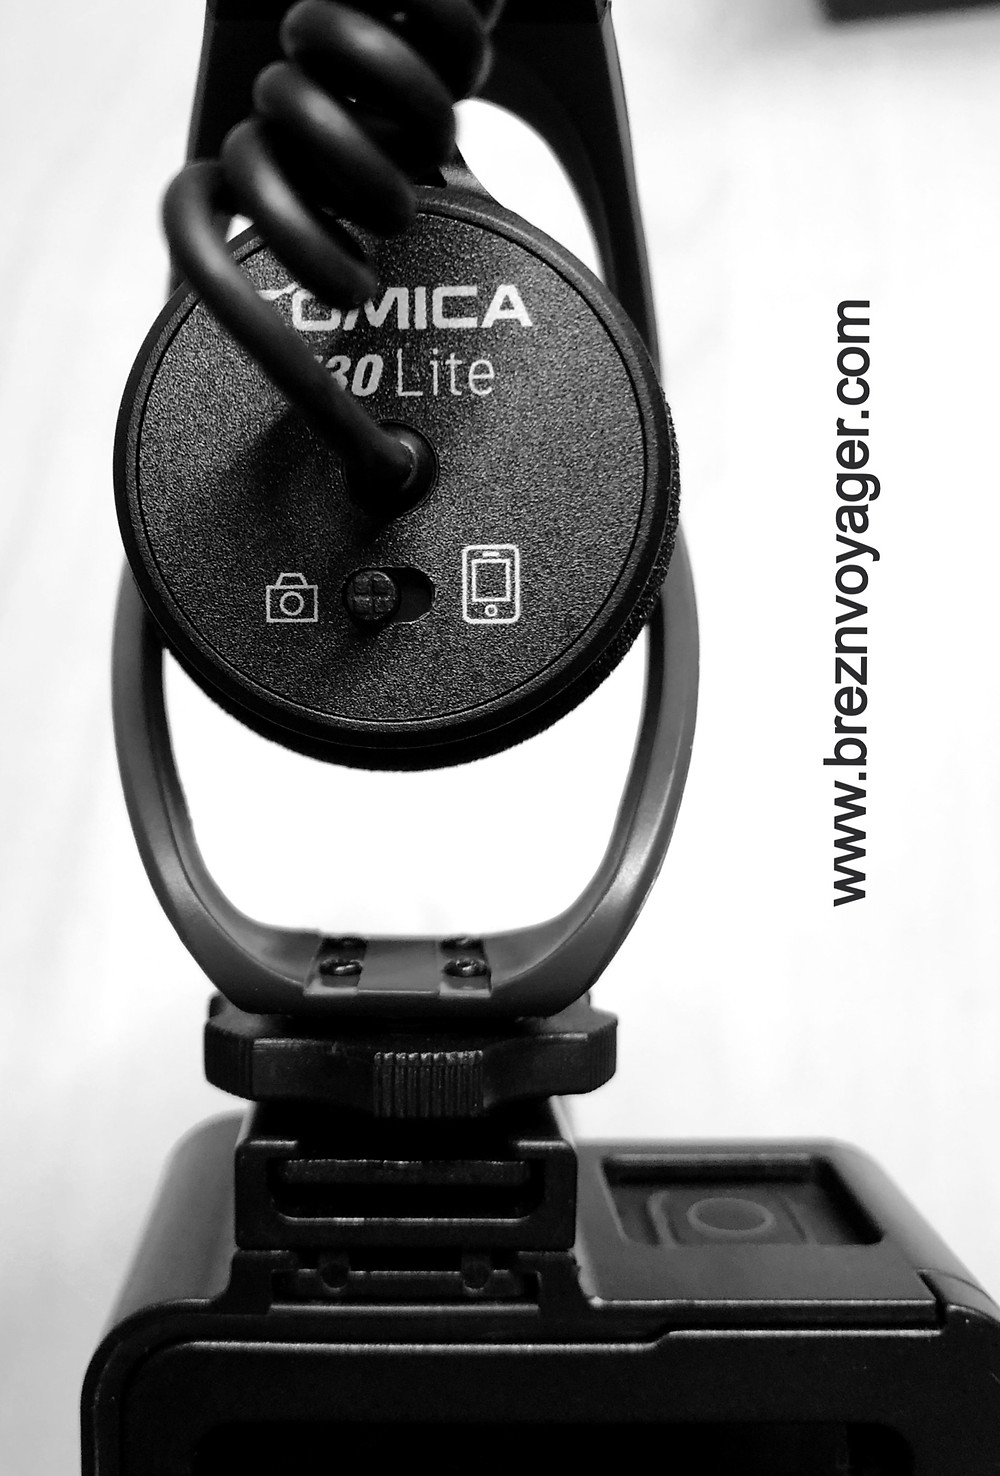 Mit diesem Schieberegler kann man zwischen Kamera und Smartphone wählen